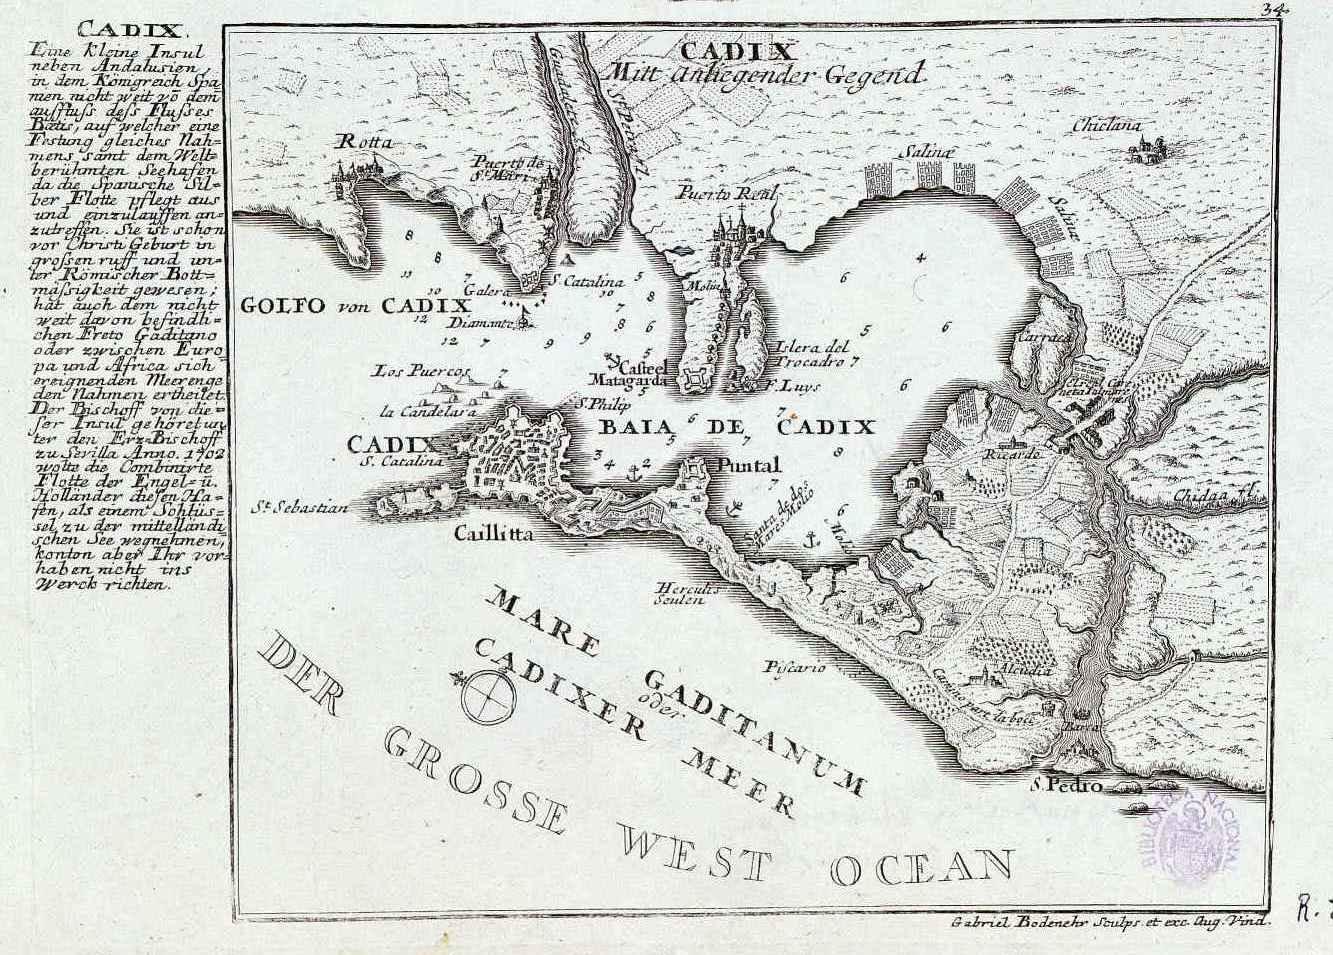 Cadix 1740